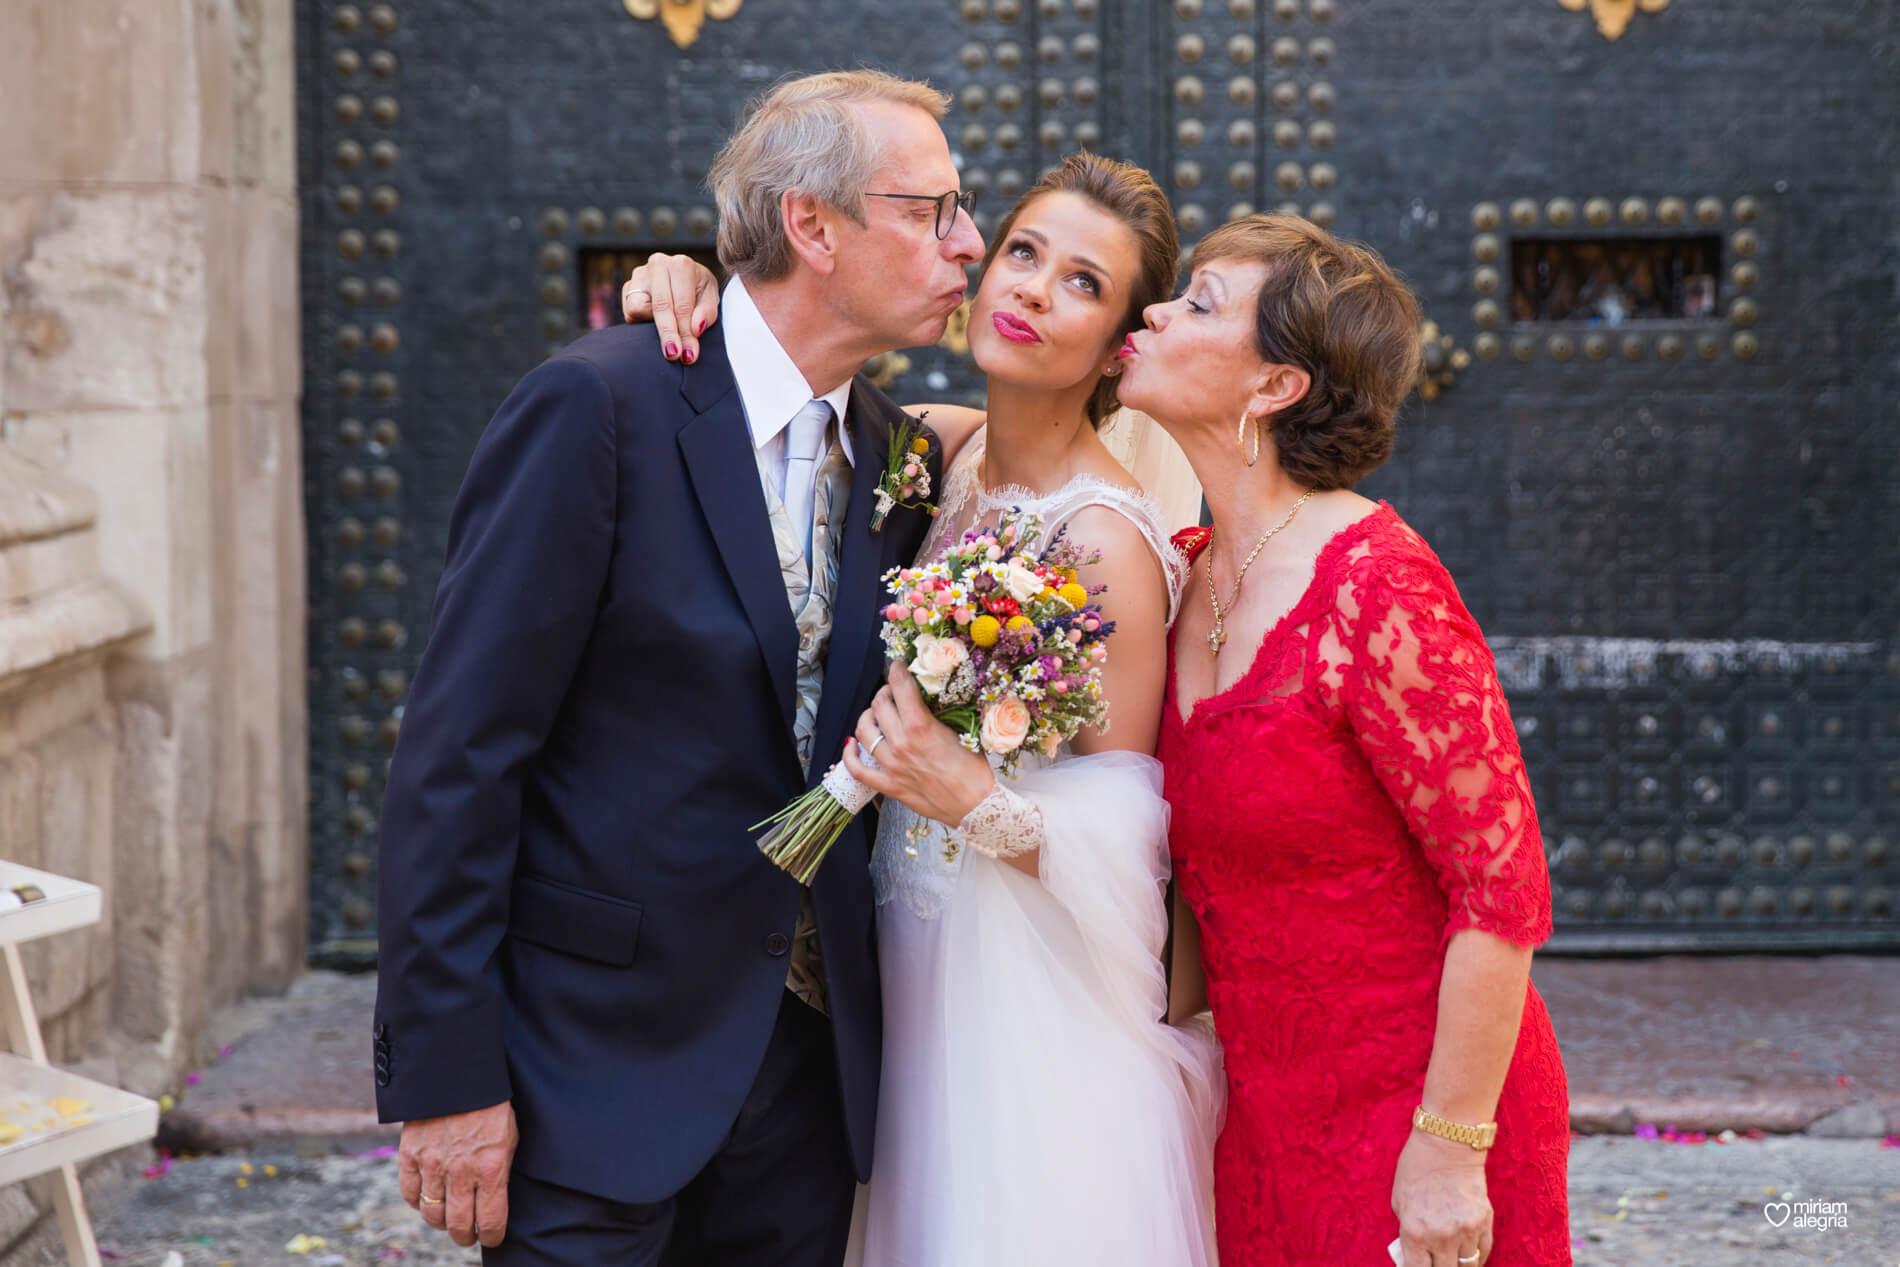 wedding-huerto-del-cura-elche-miriam-alegria-fotografos-boda-260